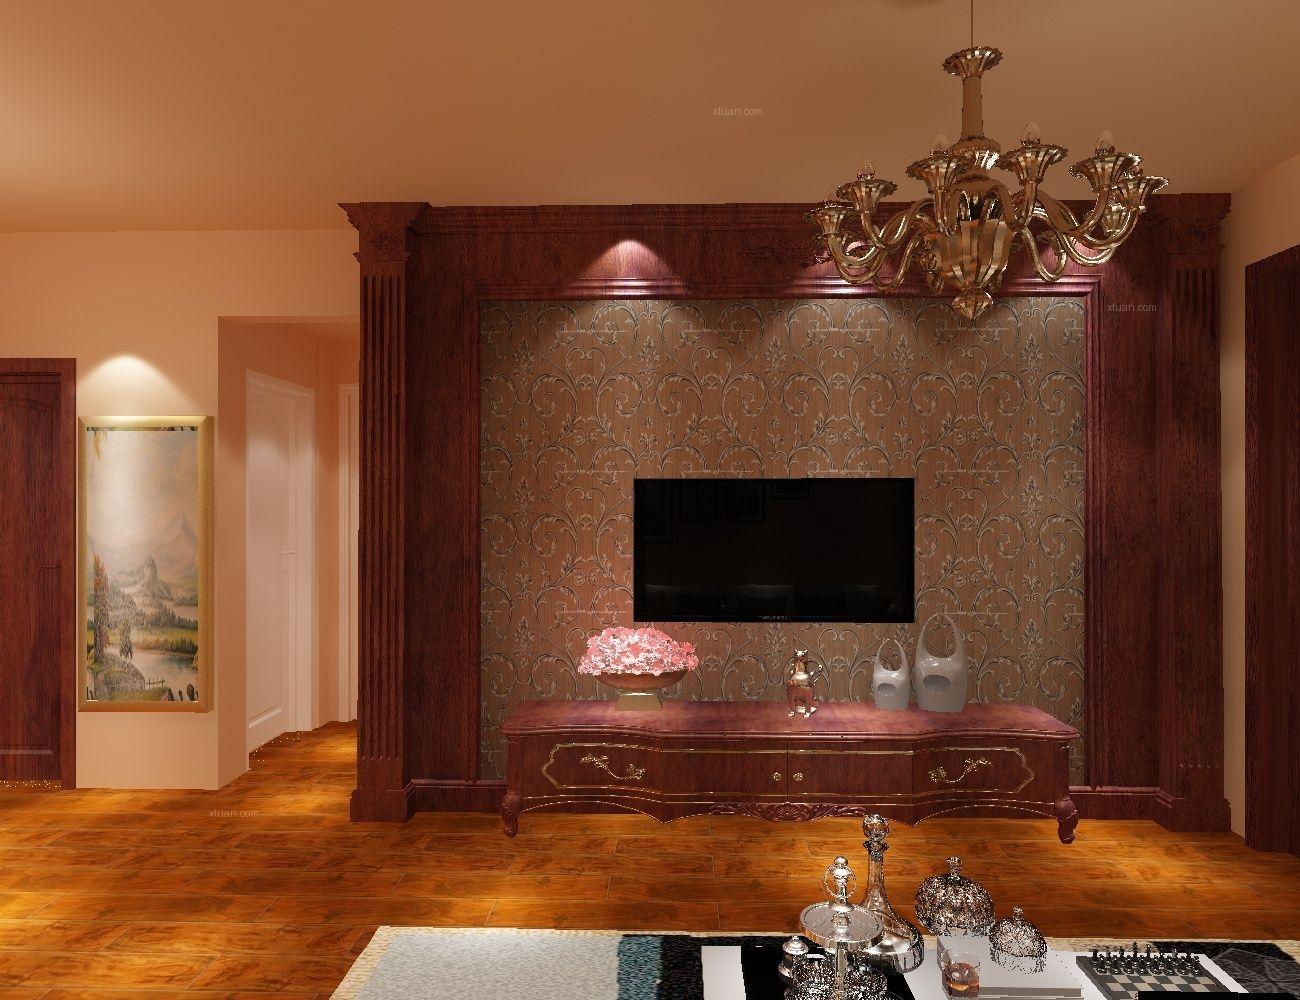 别墅古典风格客厅电视背景墙